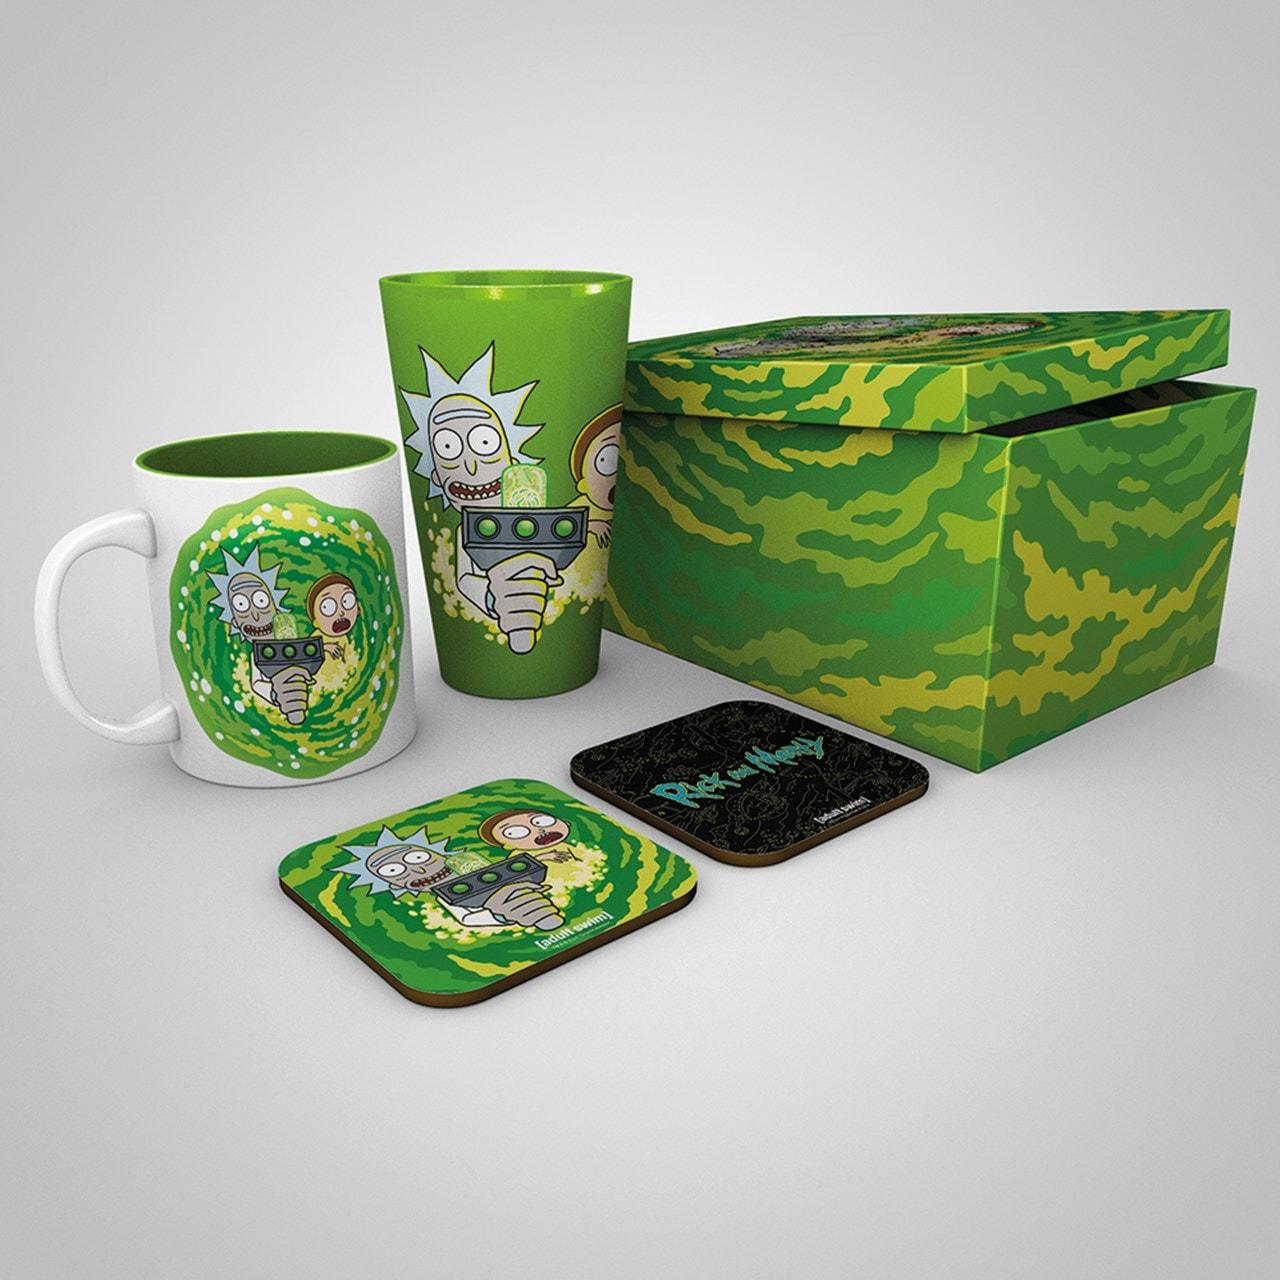 Rick And Morty Mug Gift Box - 1